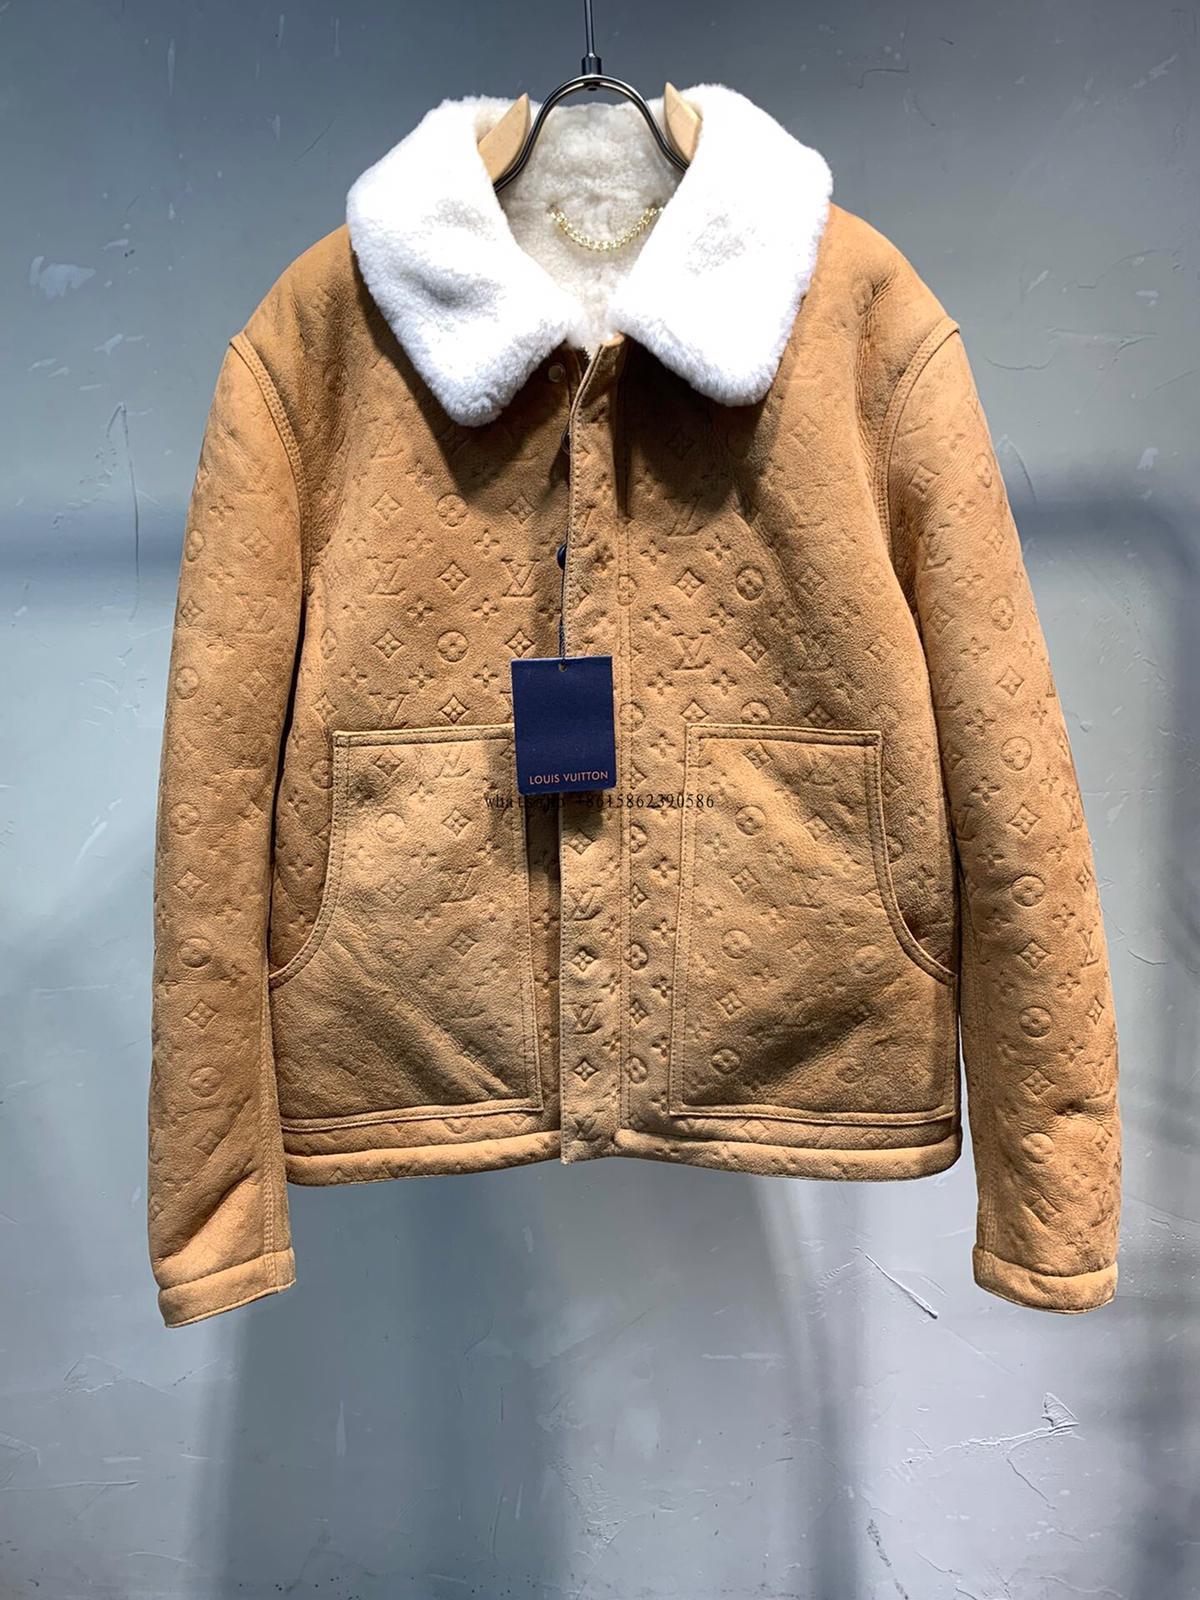 Louis Vuitton SHEARLING EMBOSSED MONOGRAM JACKET